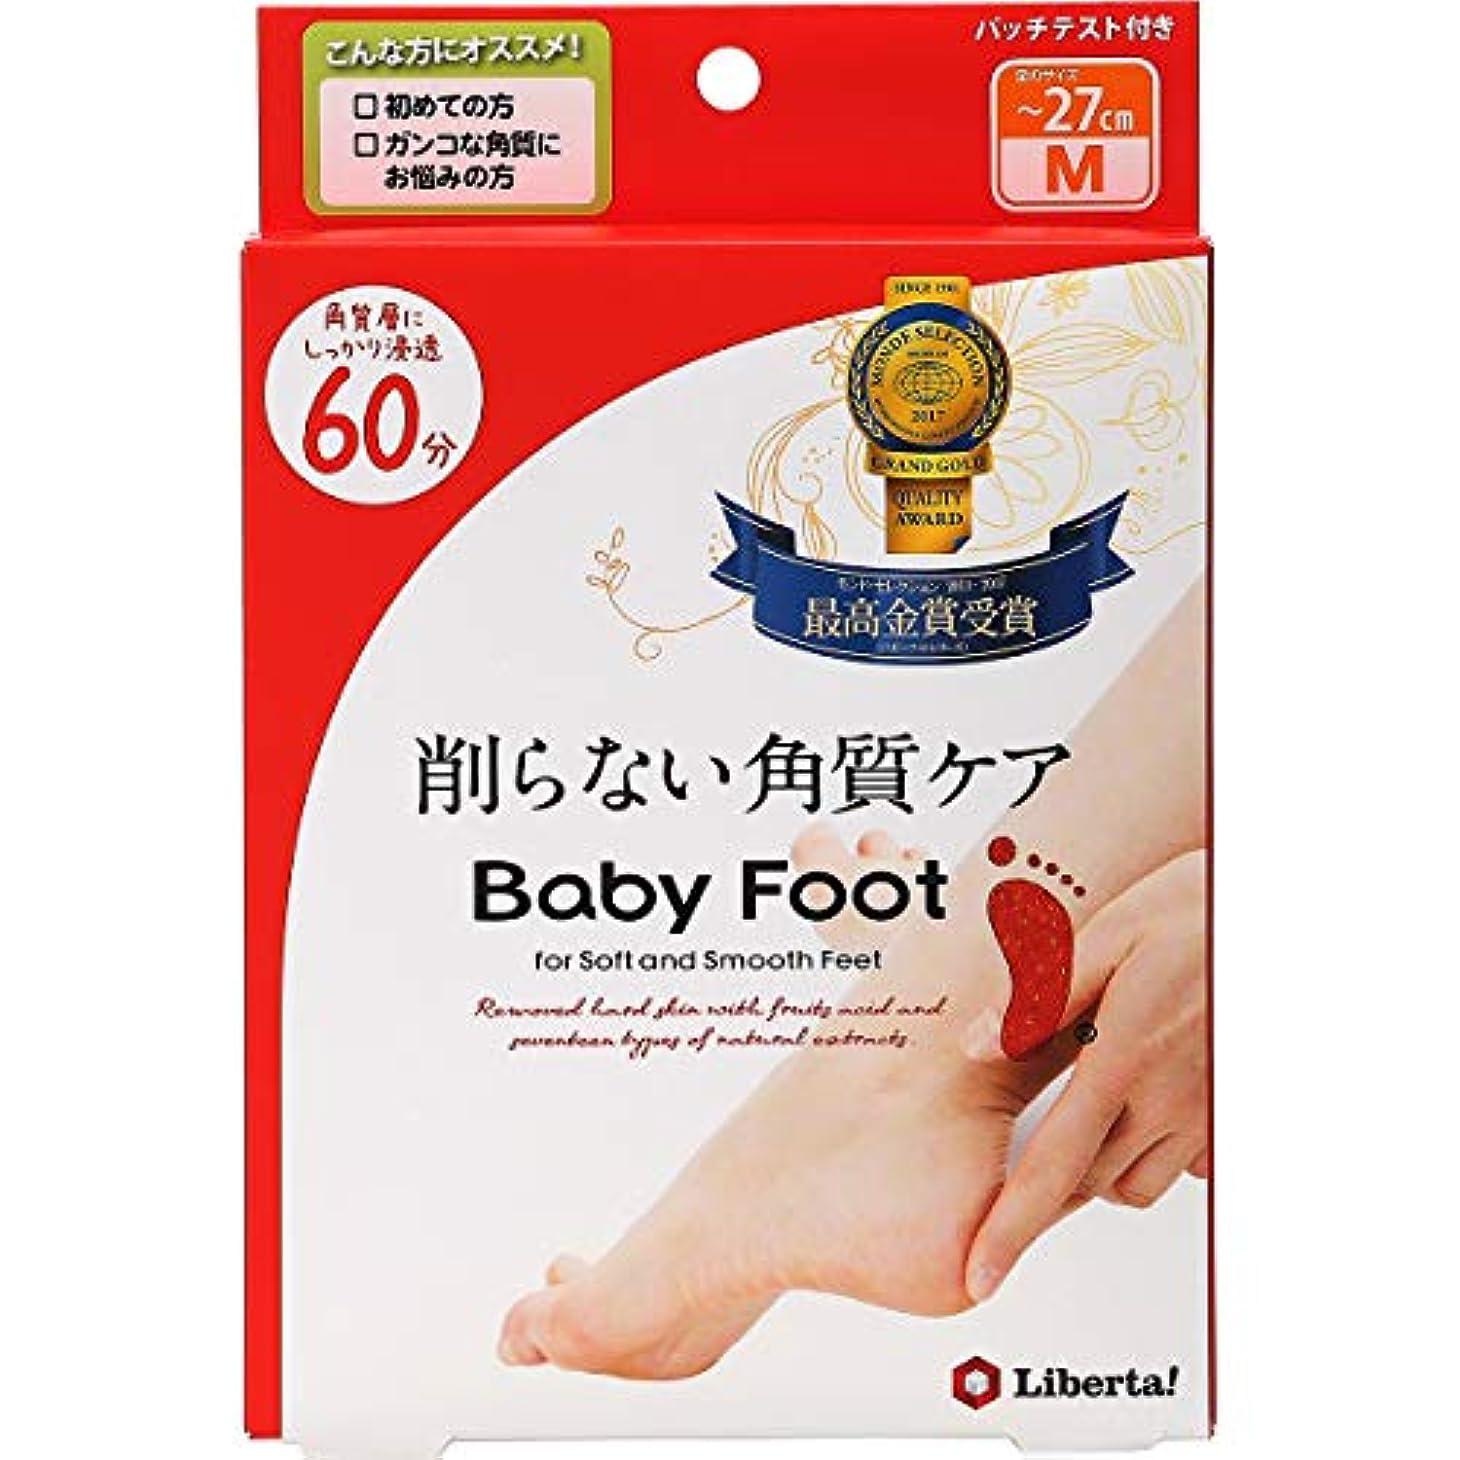 復活提唱する逆にベビーフット (Baby Foot) ベビーフット イージーパック SPT60分タイプ Mサイズ 単品